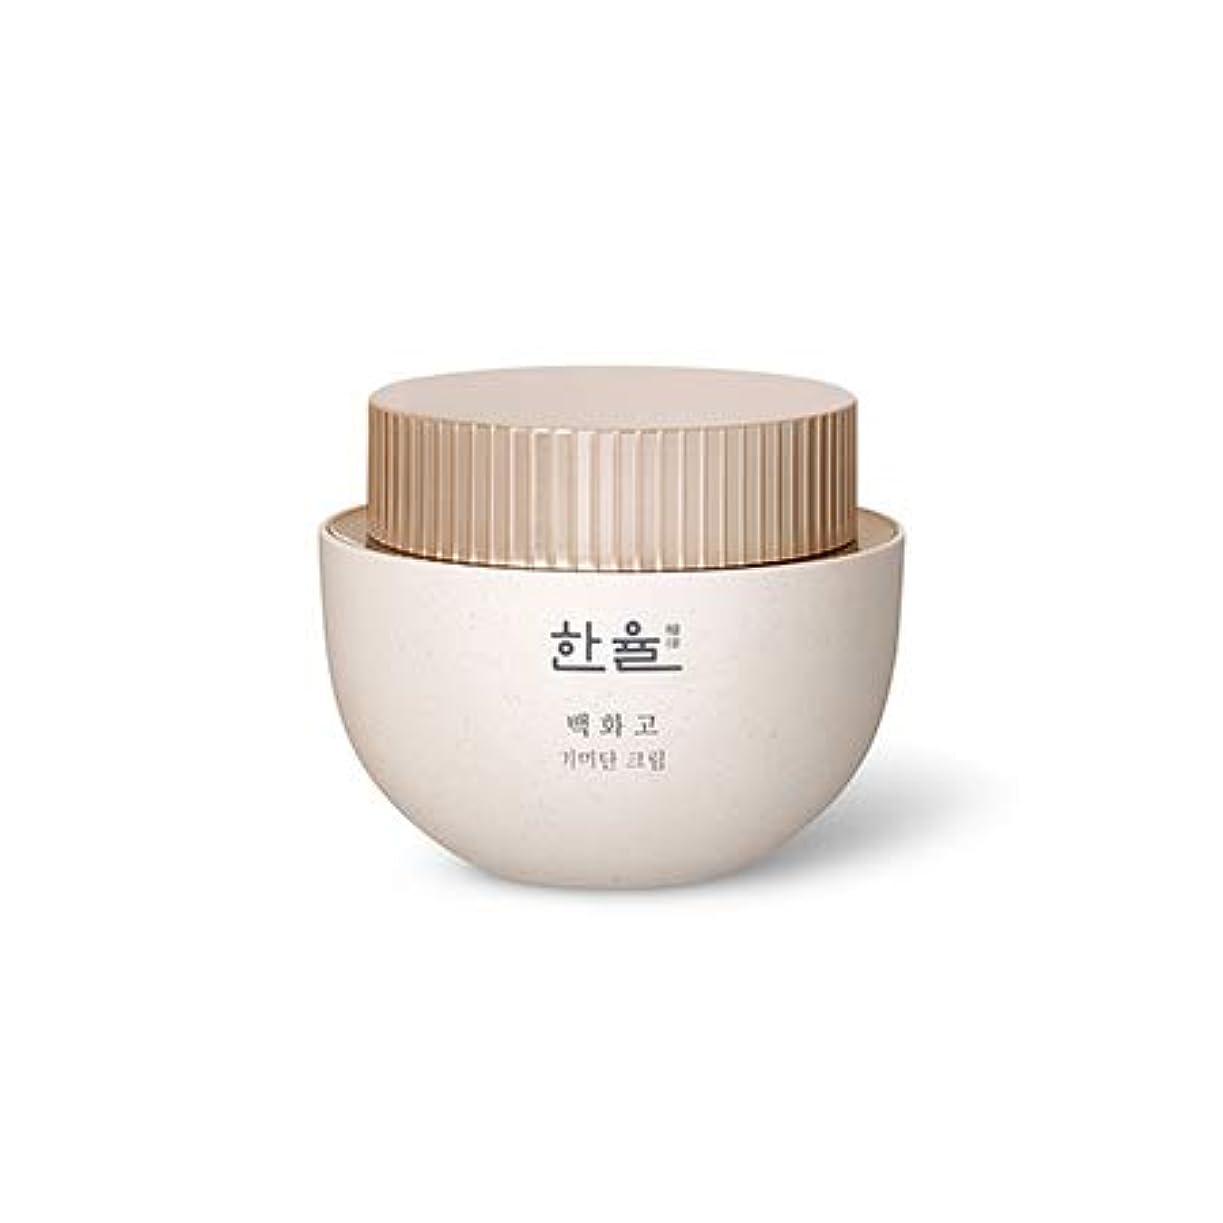 足首ディプロマ商業の[ハンユル.HANYUL]ベクファゴシミ段クリームHanyul Baek Hwa Goh Anti-Aging Cream(シミ、くすみなどの老化の兆候をケア)